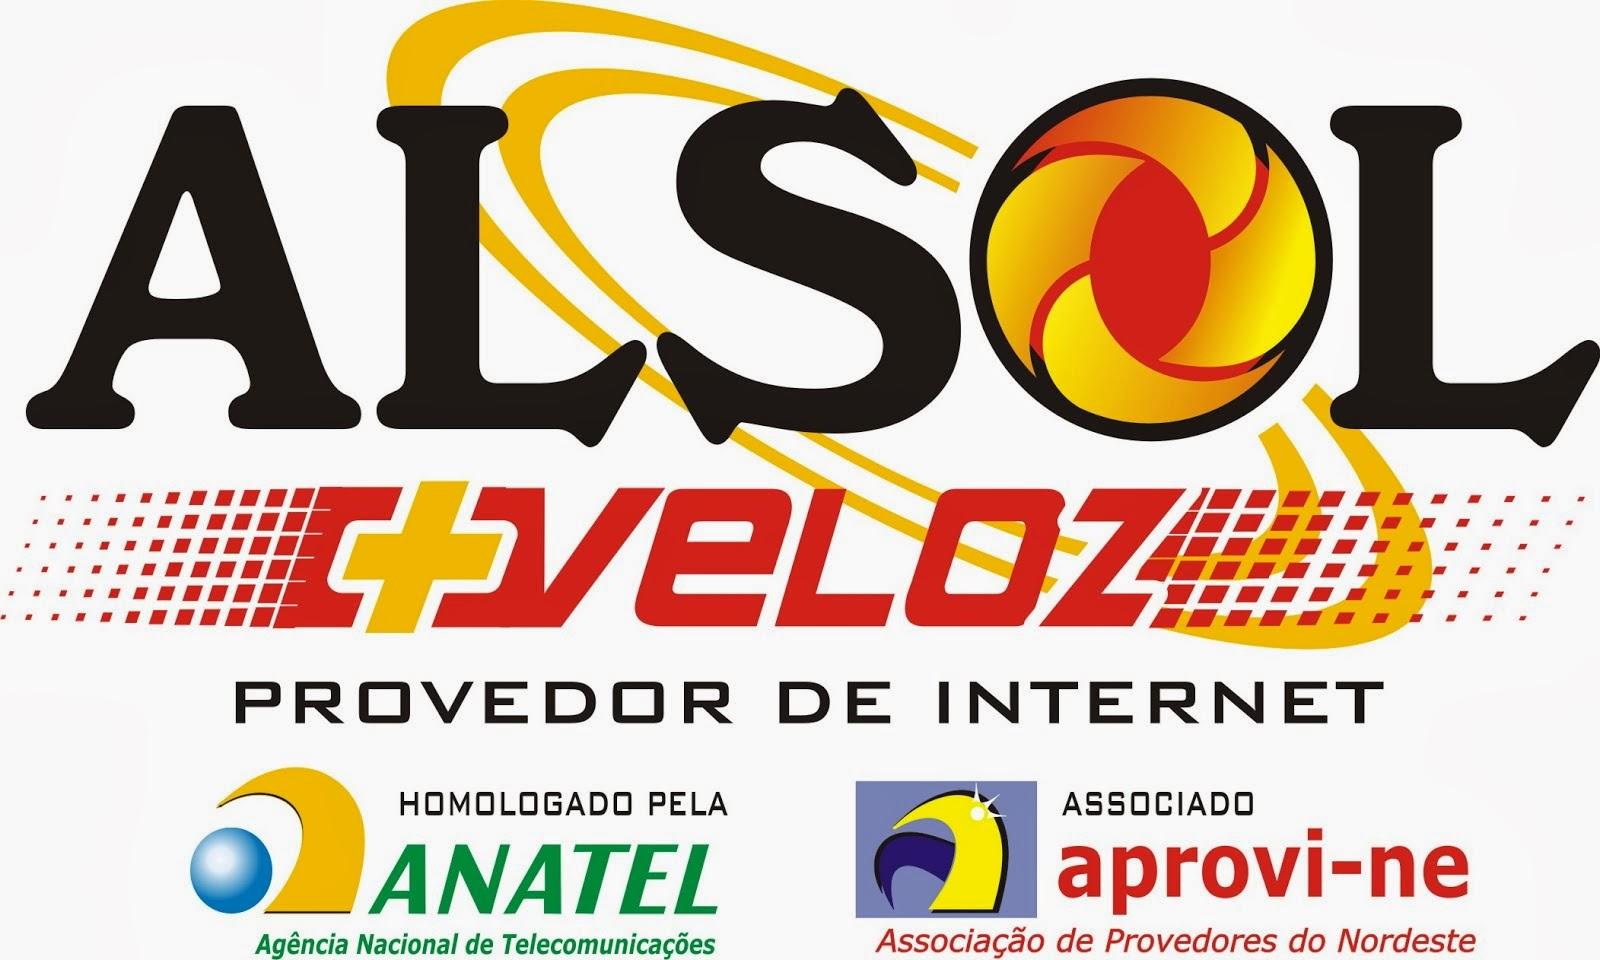 ALSOL  - PROVEDOR DE INTERNET